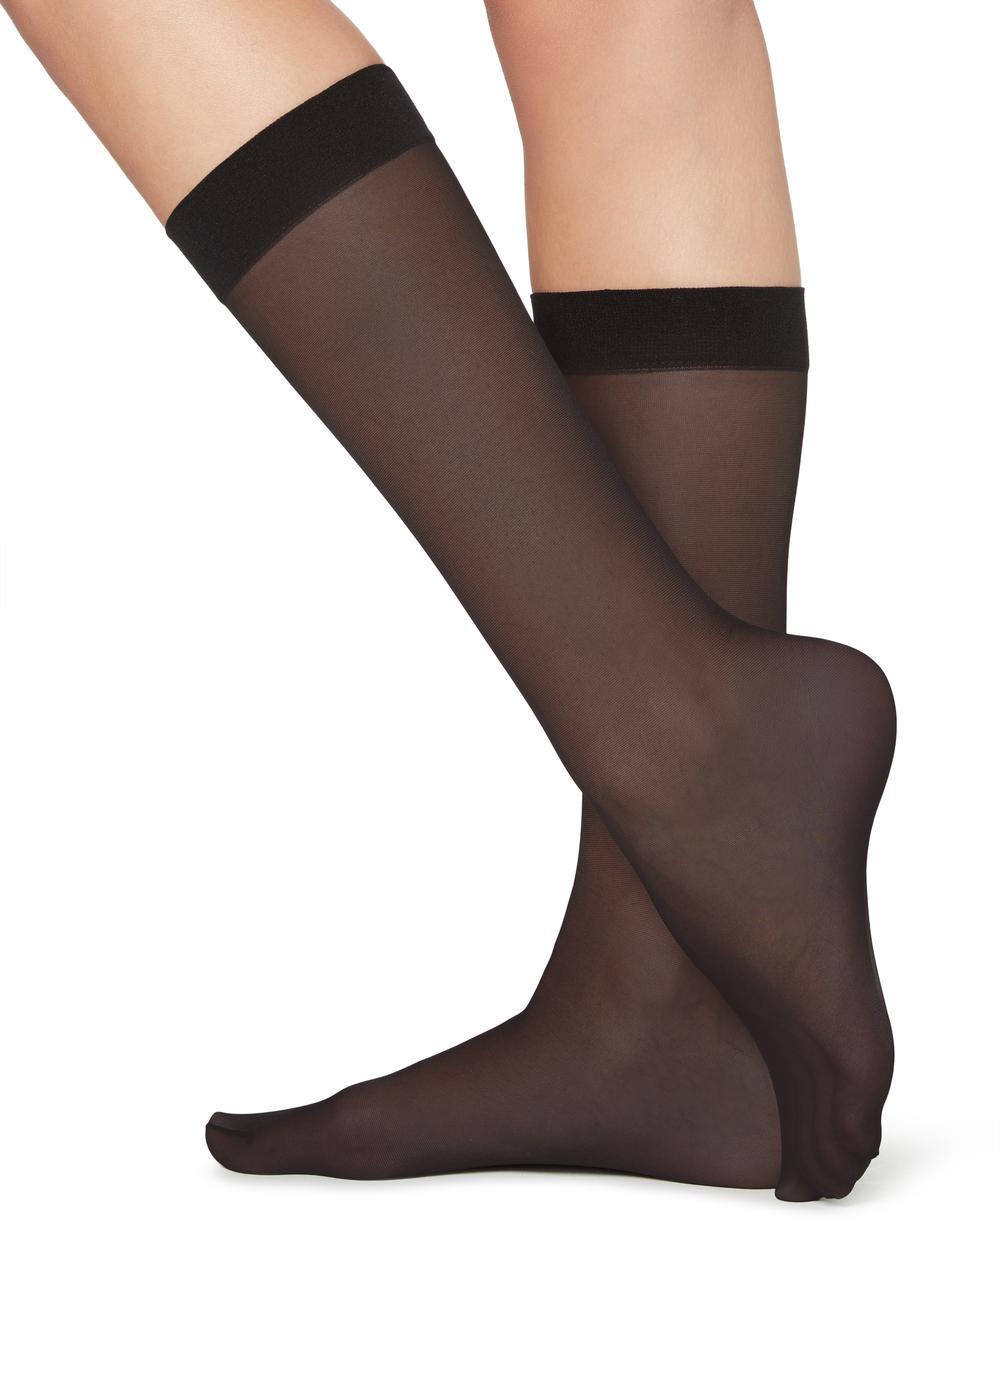 20 denové priesvitné ponožky 3/4 dĺžky